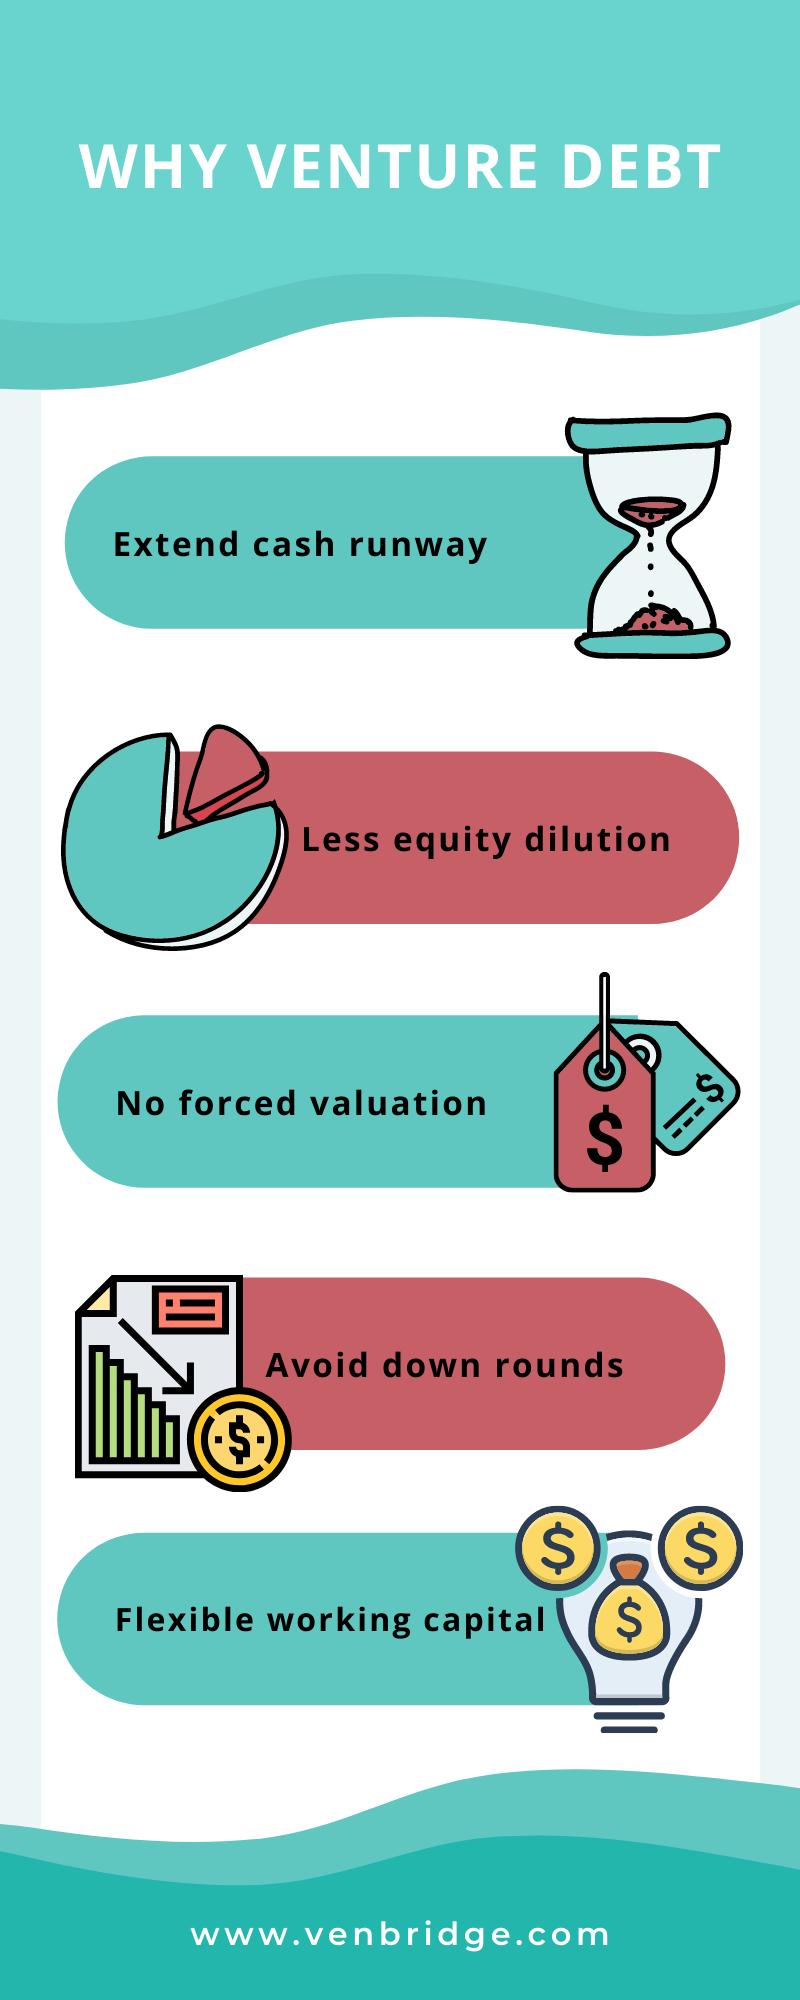 Venture debt infographic